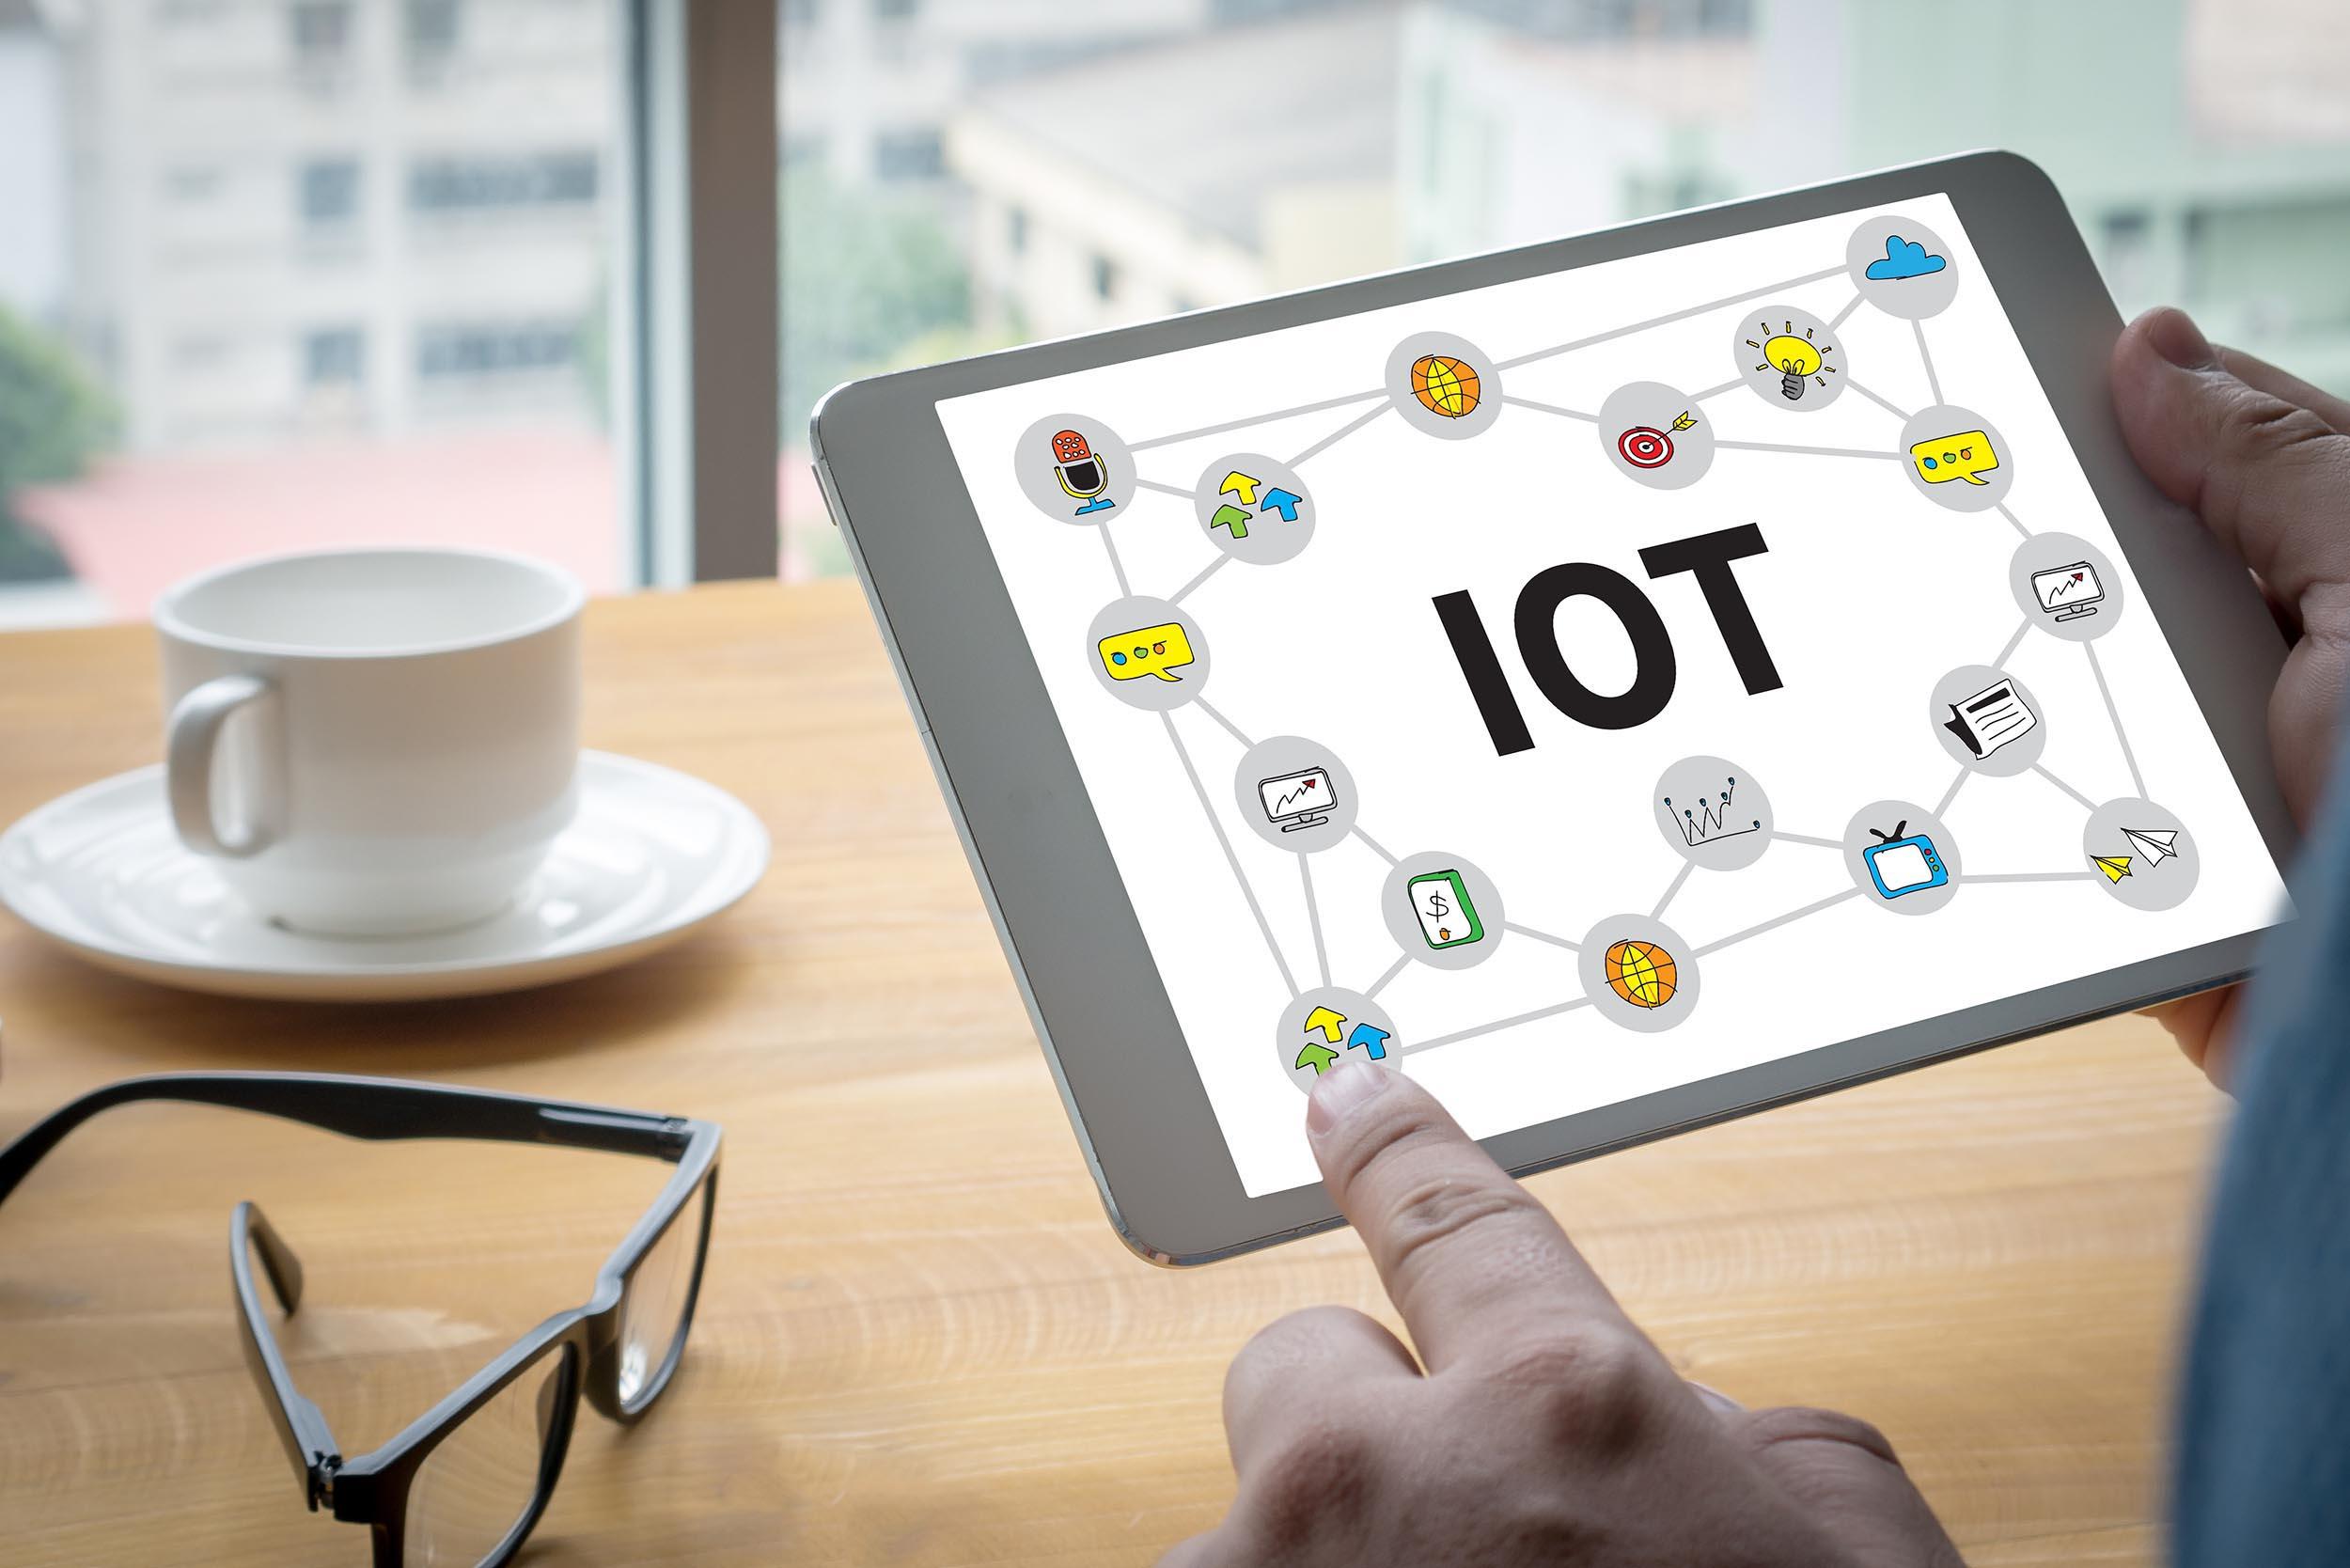 Cover for article 'CityIoT 2 jatkaa IoT-ratkaisujen kehittämistä kaupungeissa'